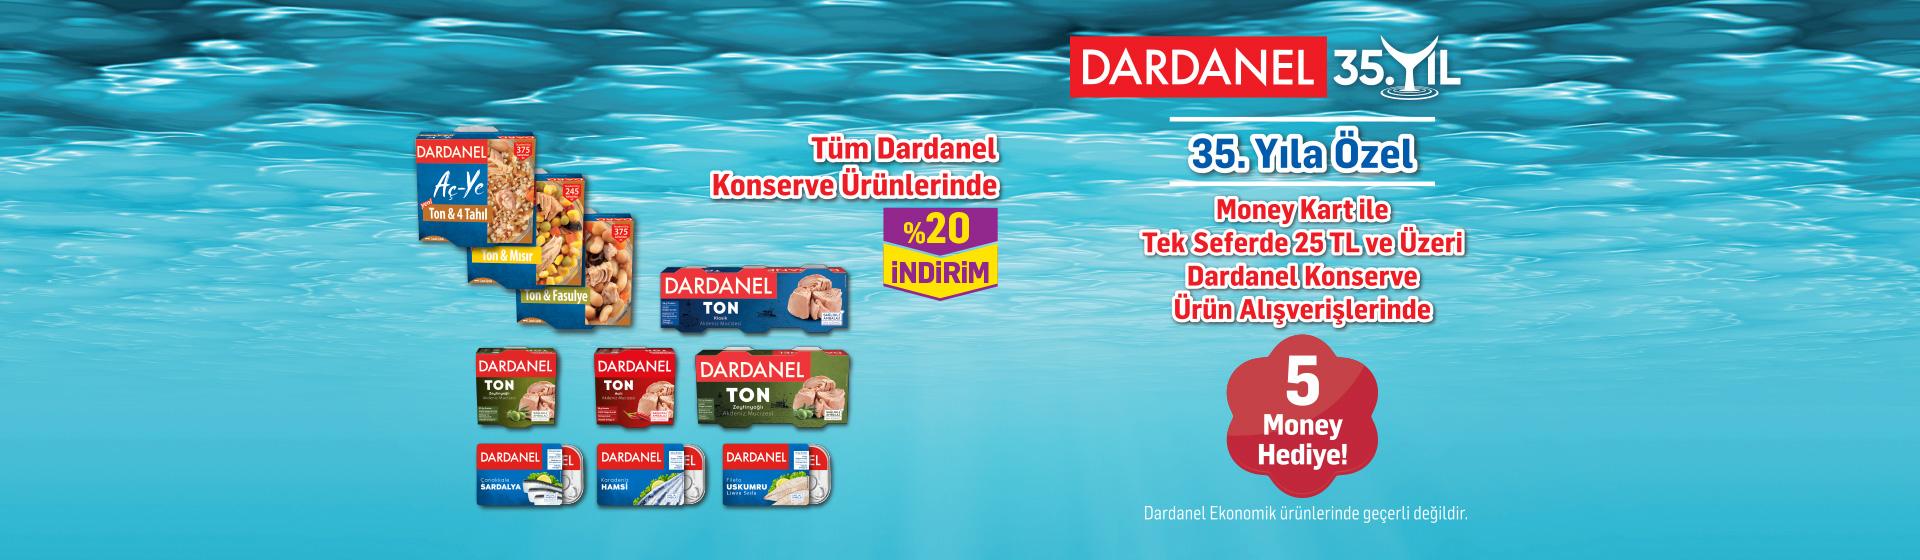 Dardanel Konserve Money Kampanyası